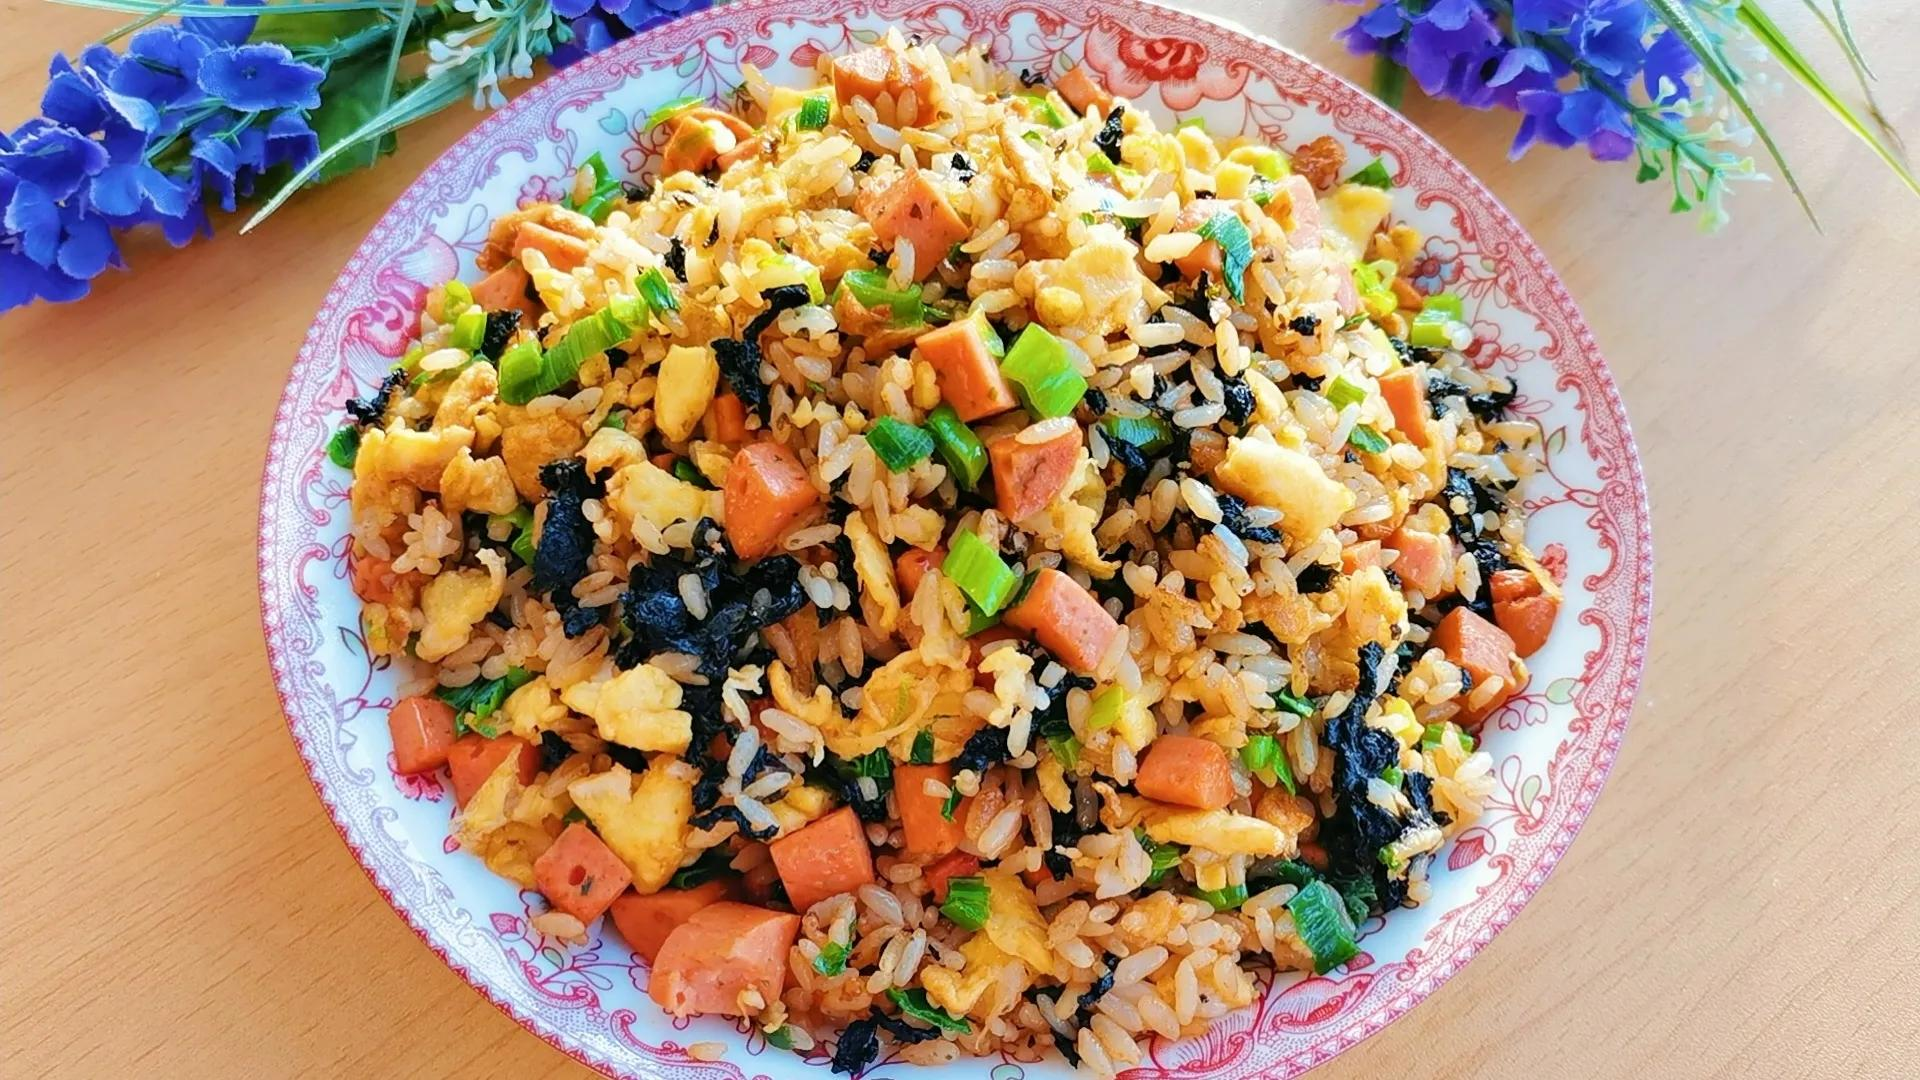 紫菜不要老做汤,试试这样做,好吃又营养,老中幼都爱吃 美食做法 第1张